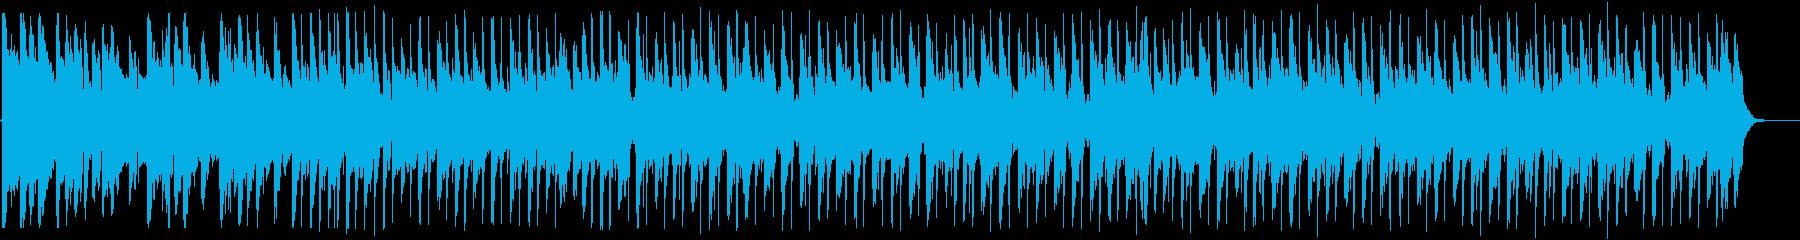 きらびやかなファンクディスコ_612_3の再生済みの波形